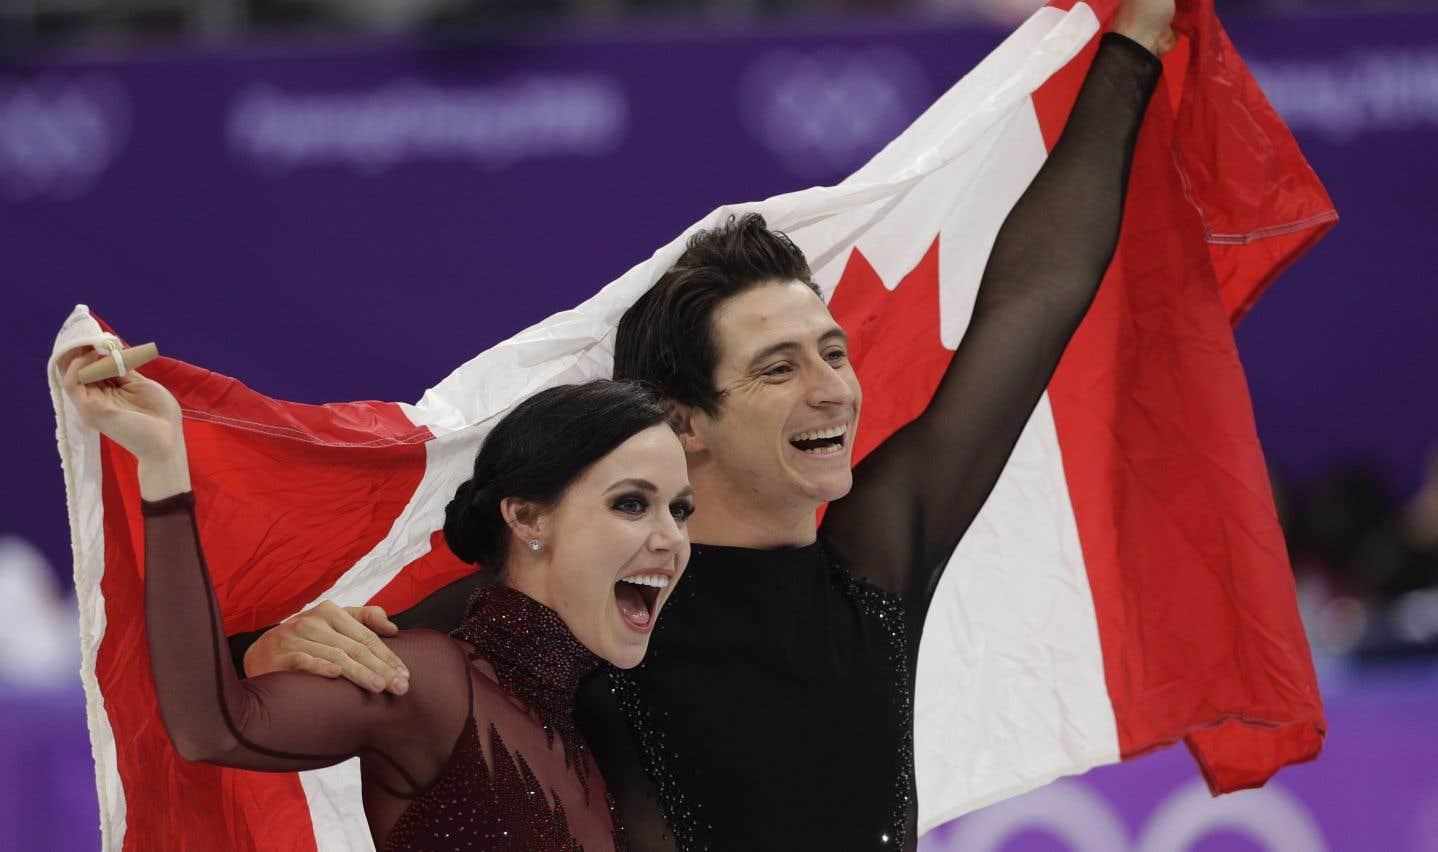 Le couples'est propulsé au sommet, grâce à un pointage cumulatif de 206,07, et vers une troisième médaille d'or olympique en carrière.